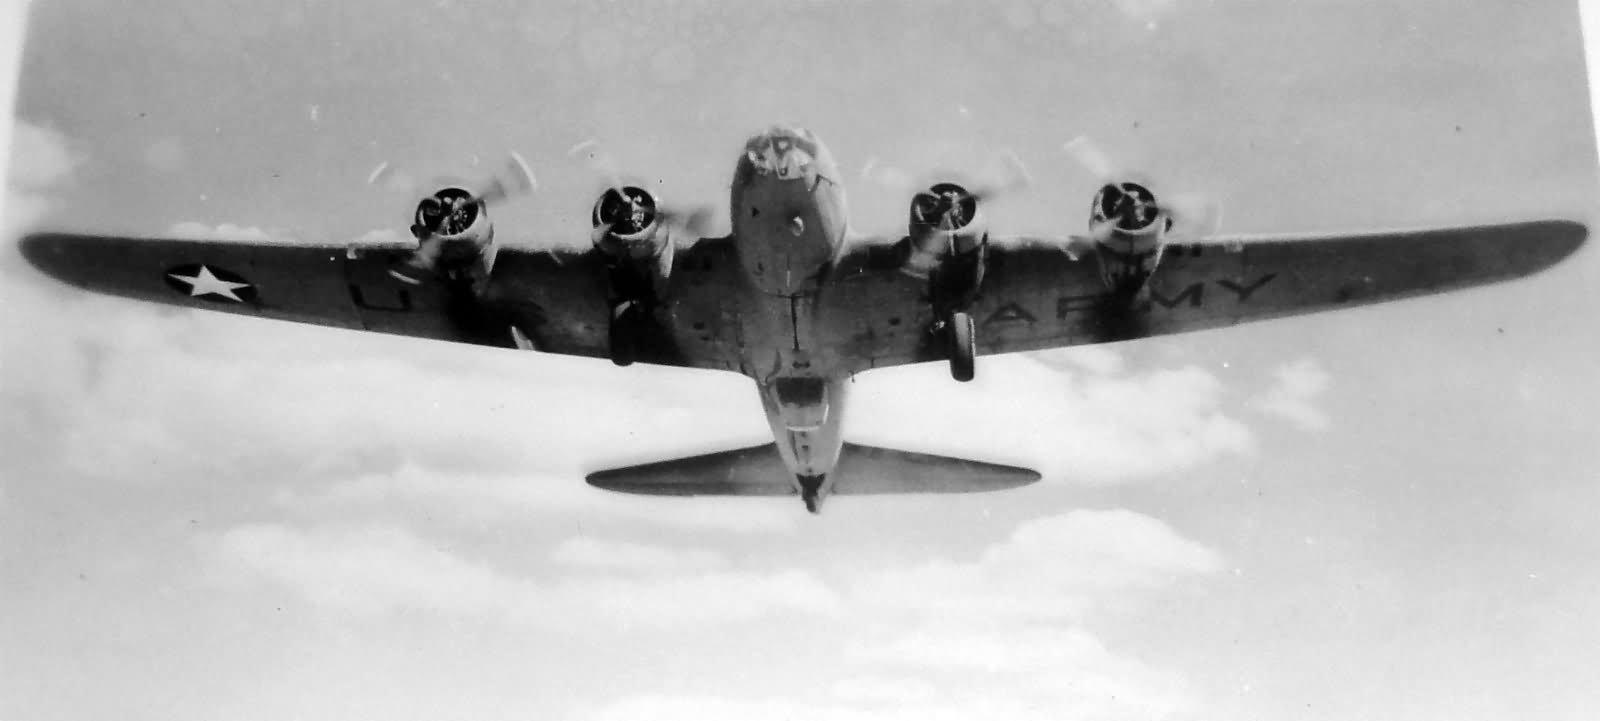 Por su alcance y su capacidad de carga, el B-17 era un arma magnífica con la que atacar las bases japonesas, pero cuando despegó, esa mañana, no fue para eso.